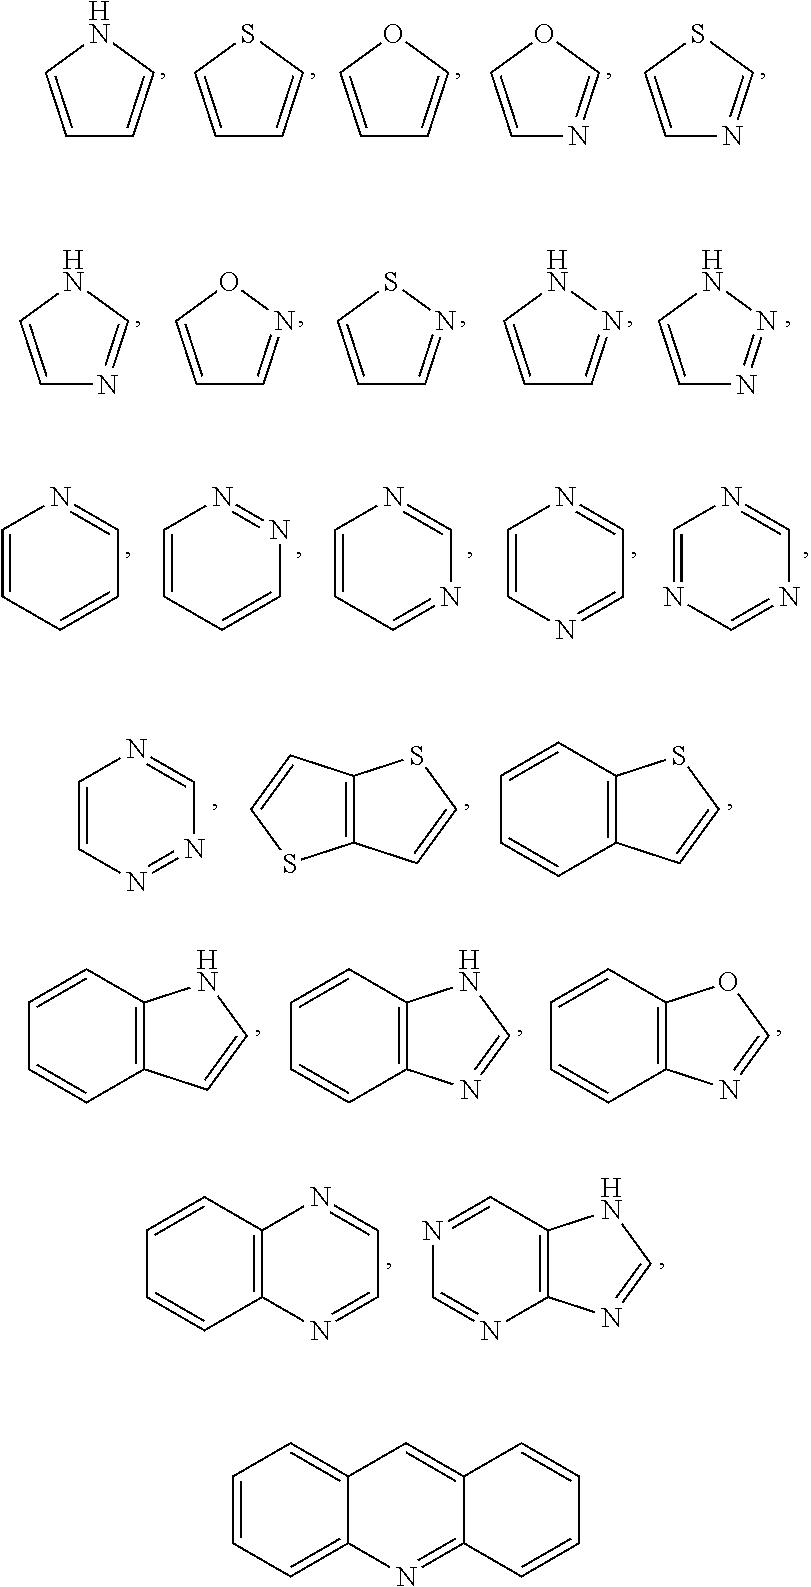 Figure US09605019-20170328-C00018